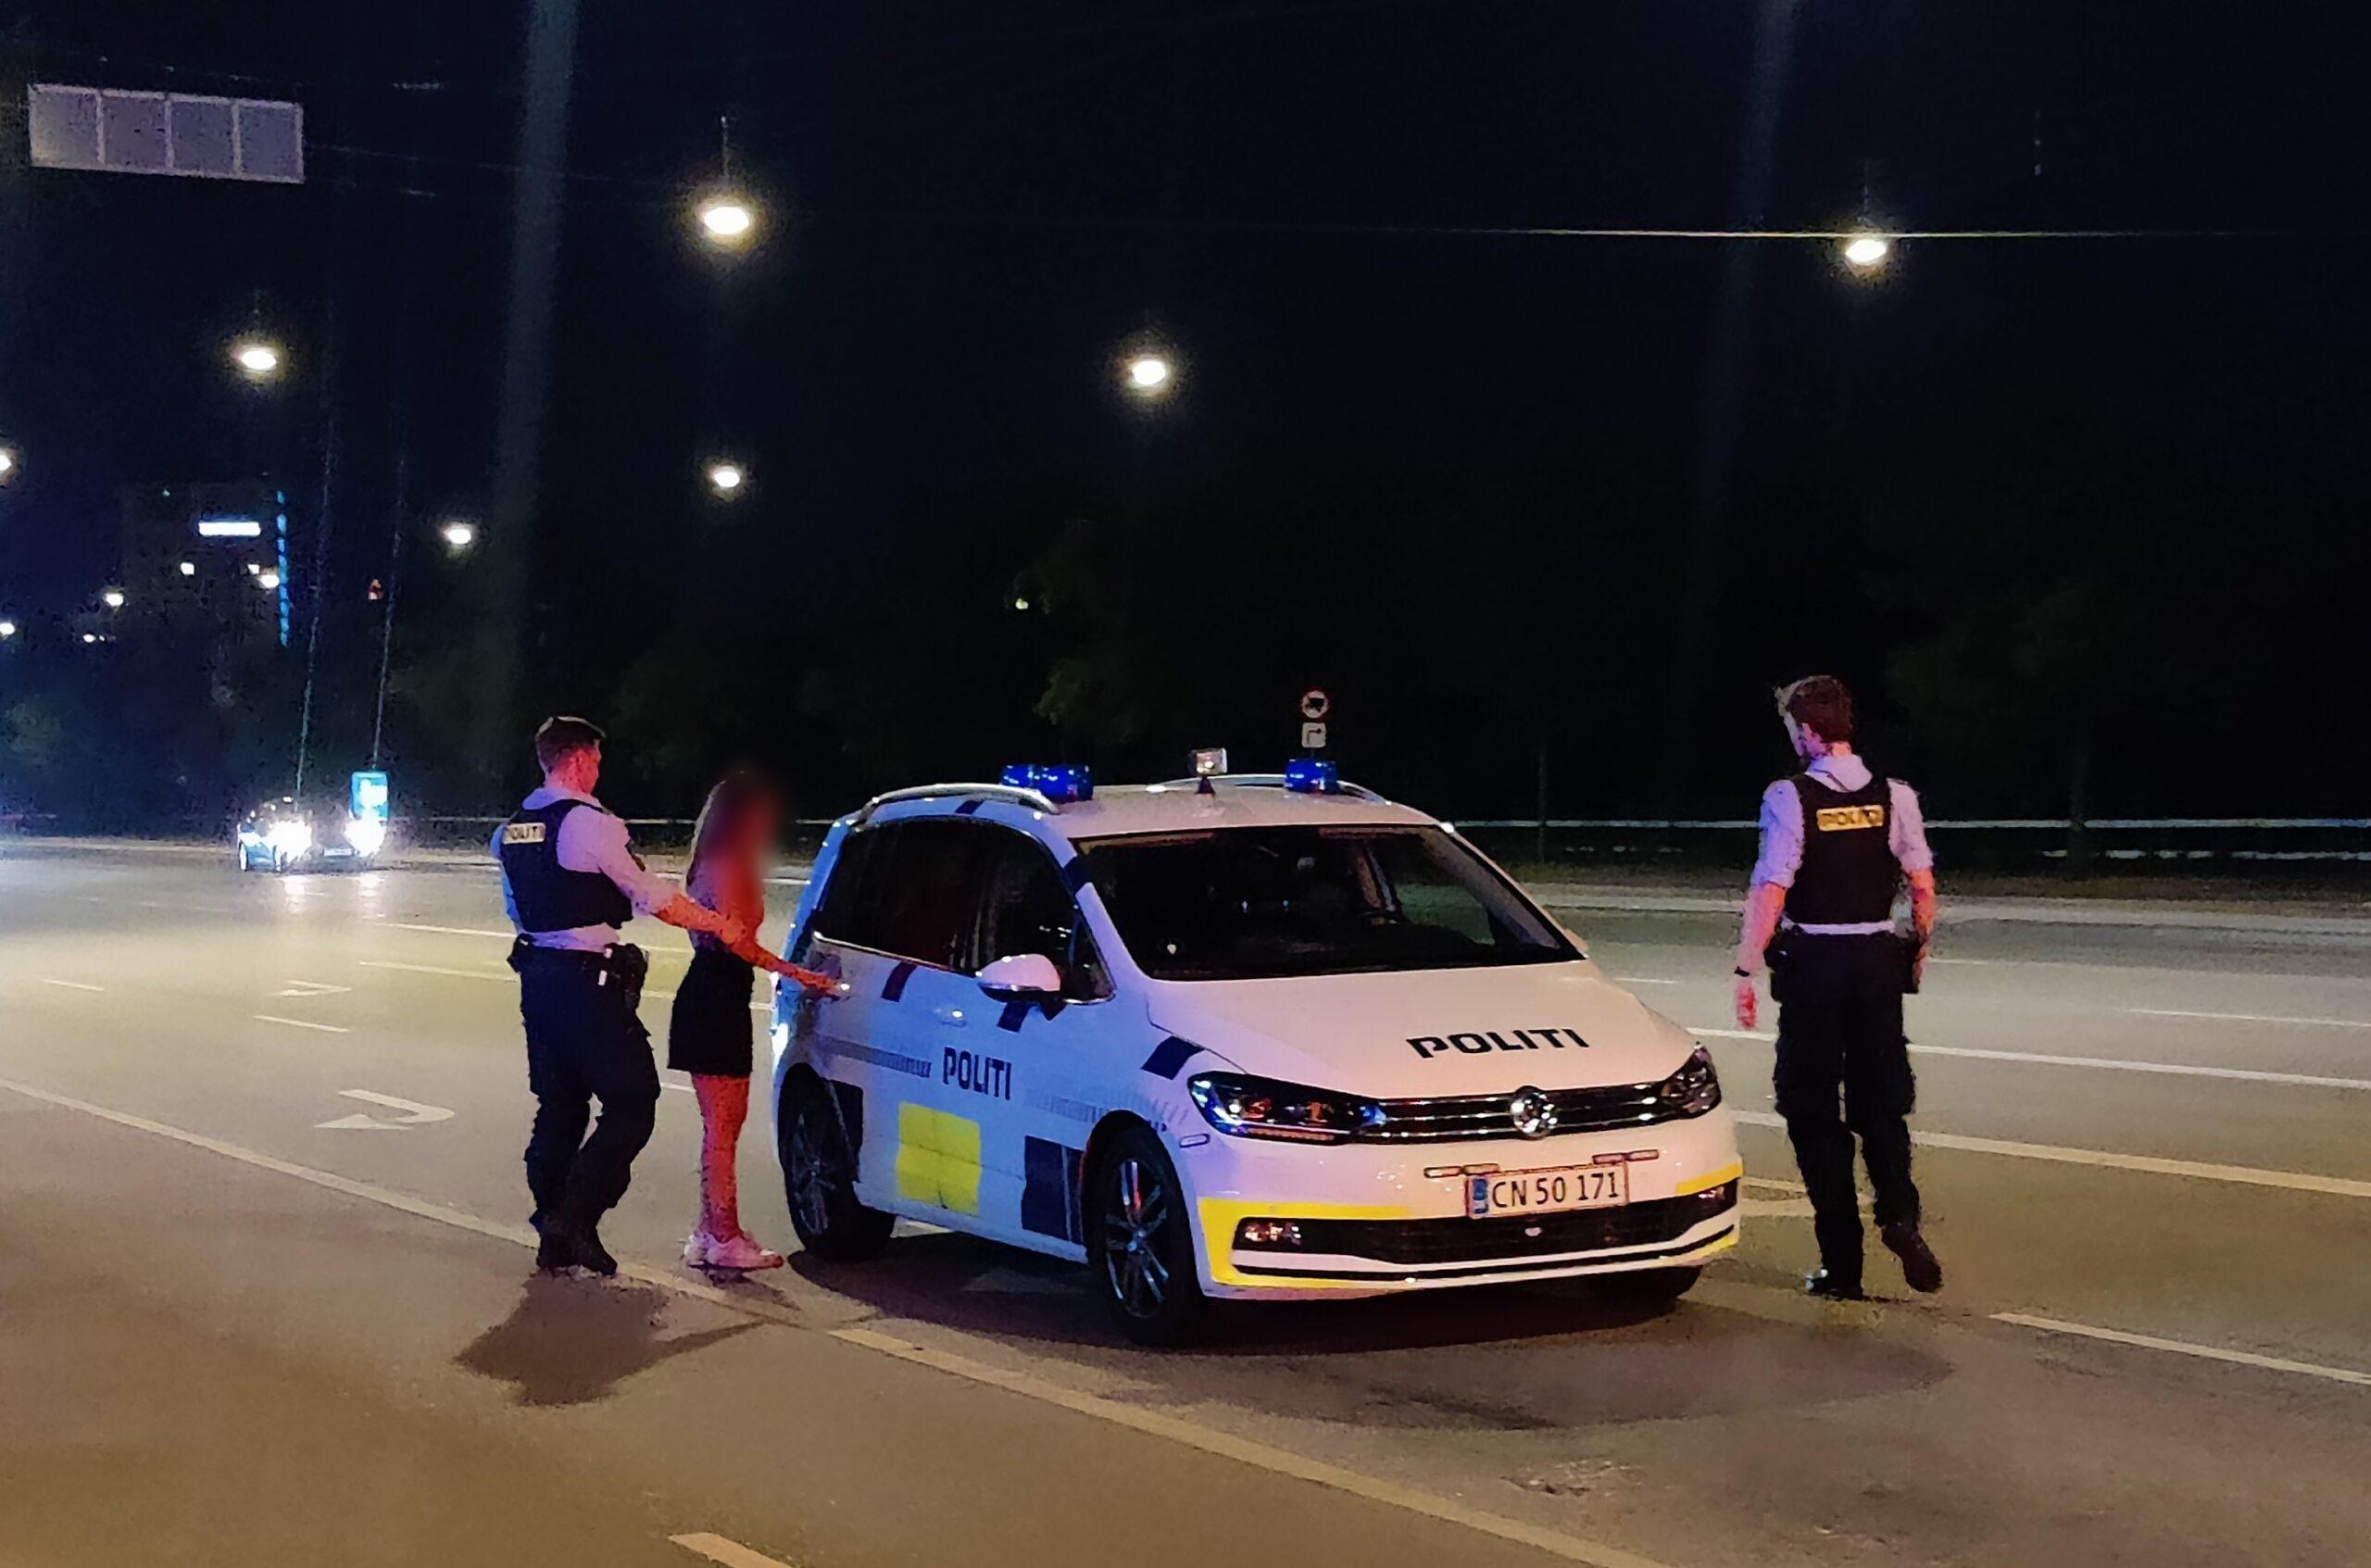 Hastigheds og alkohol kontrol - en anholdt